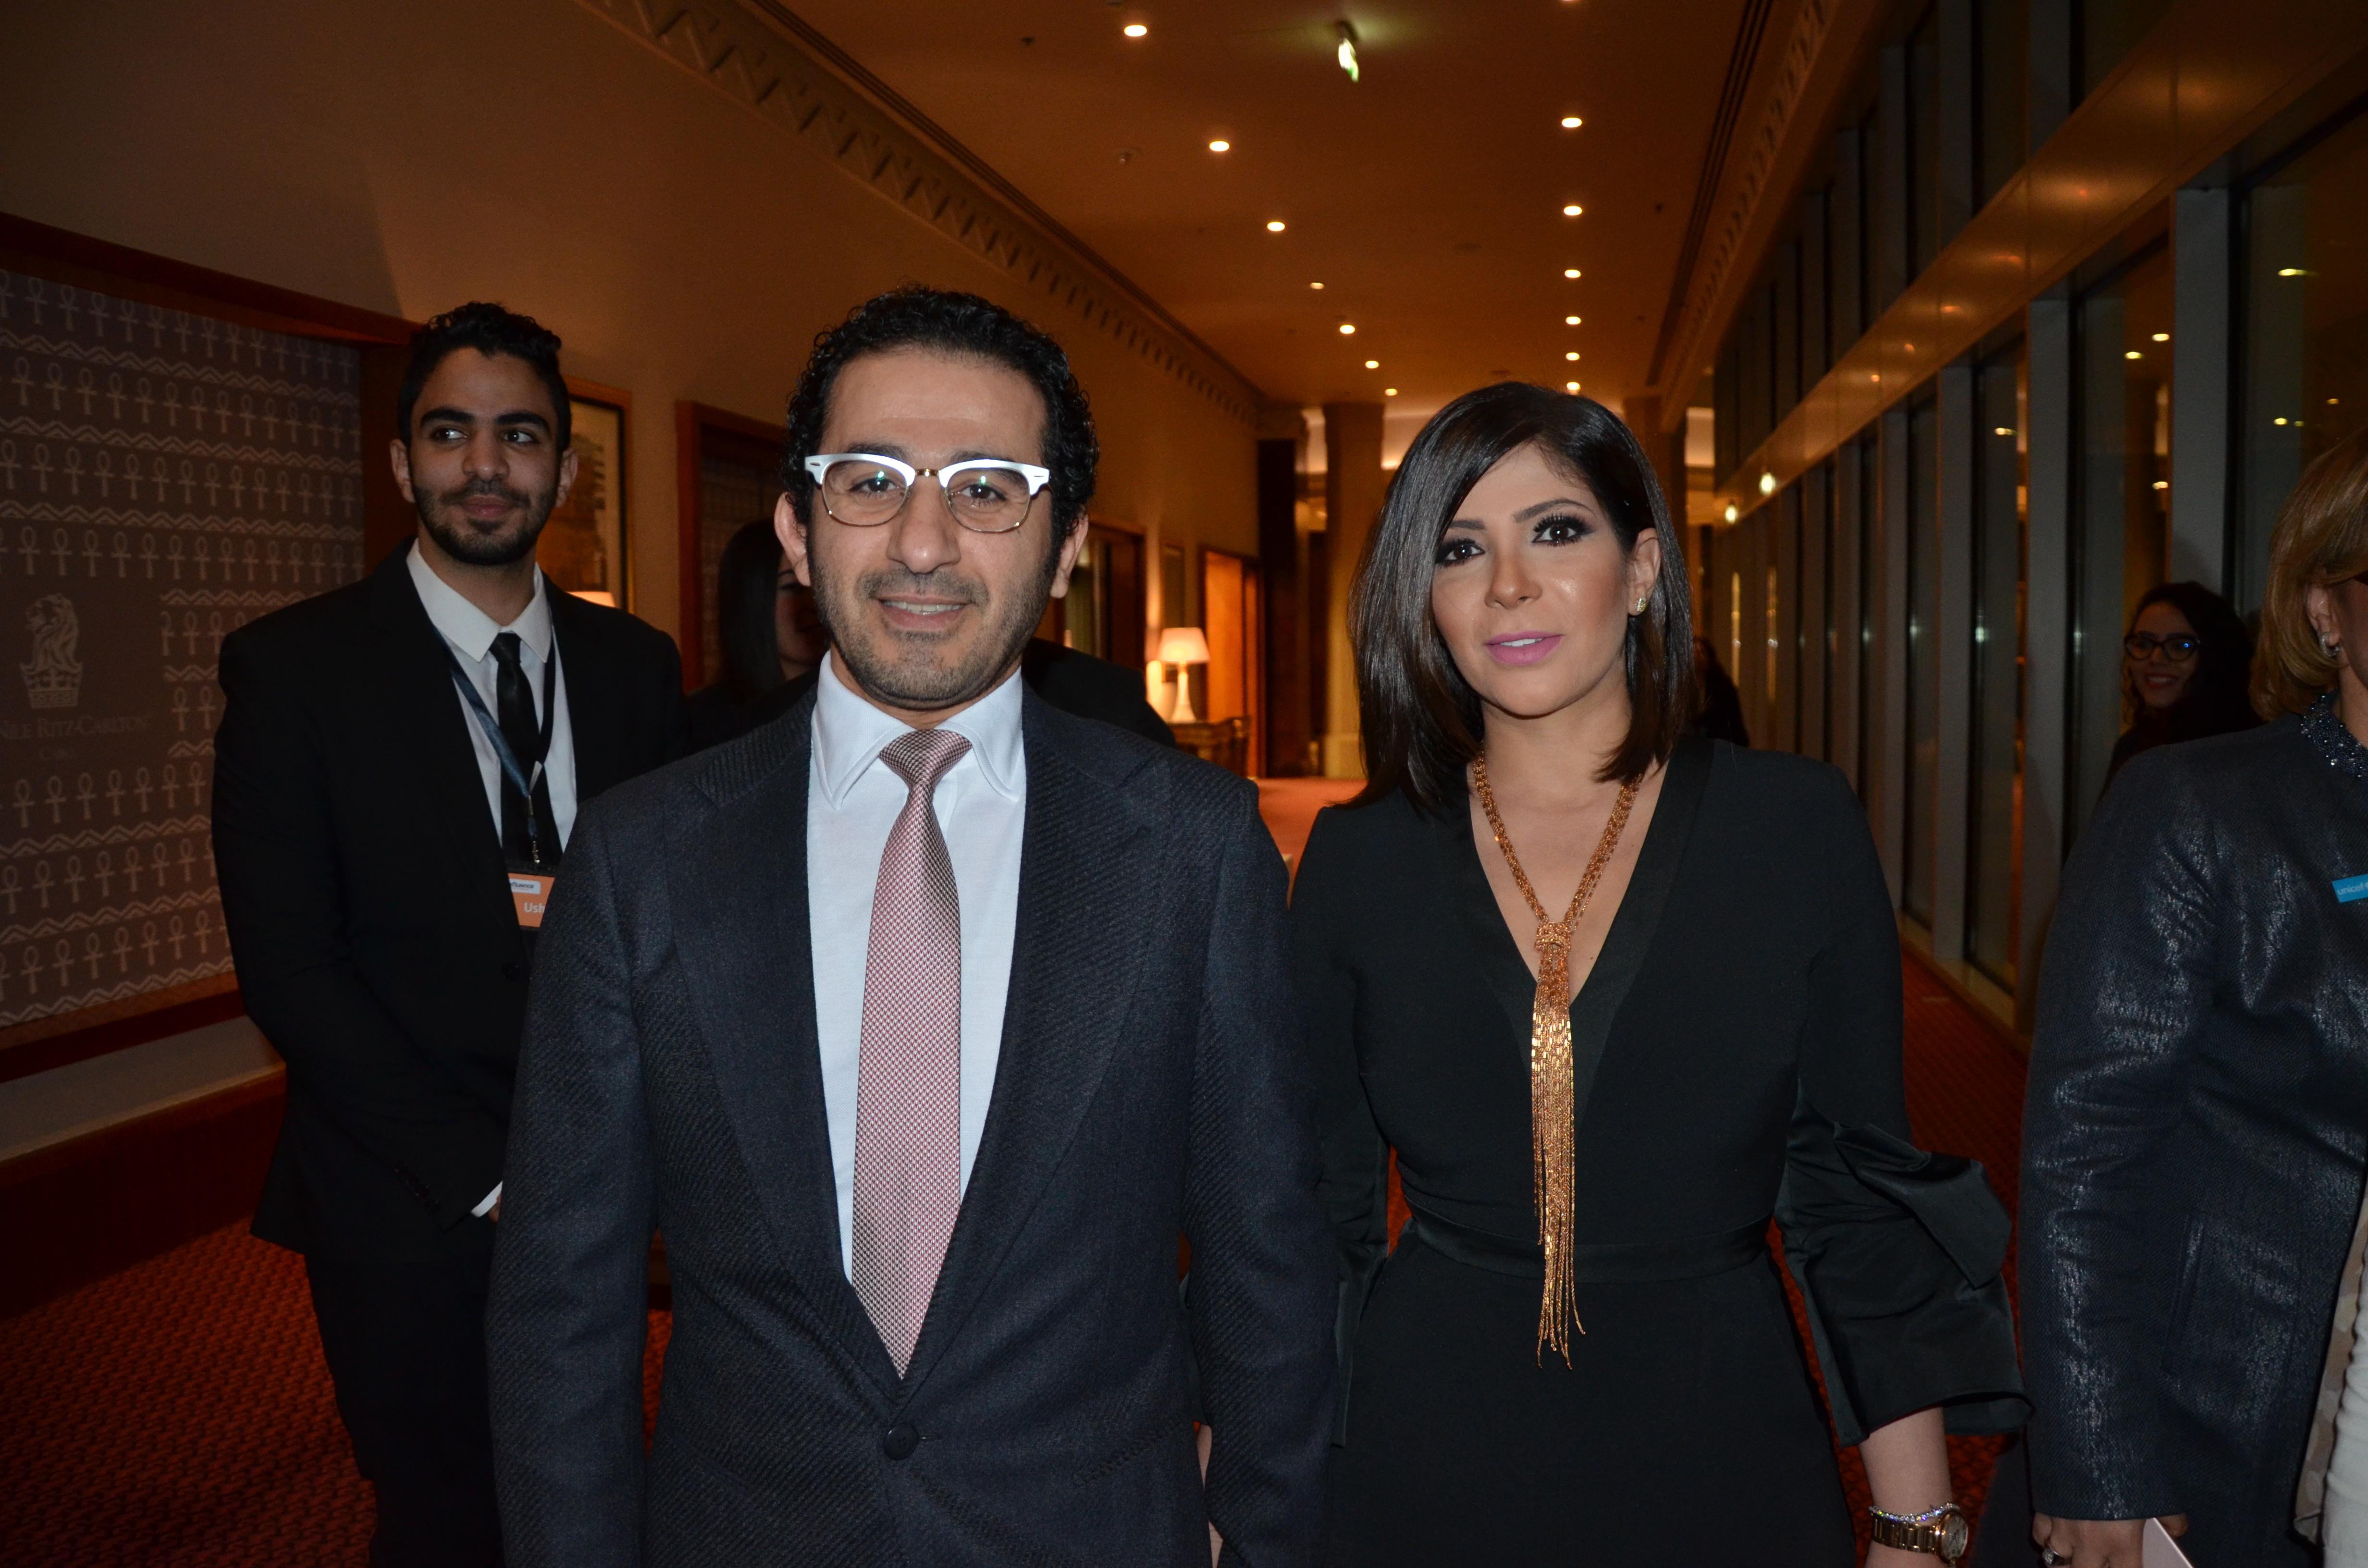 Ahmed Helmy & Mona Zaki